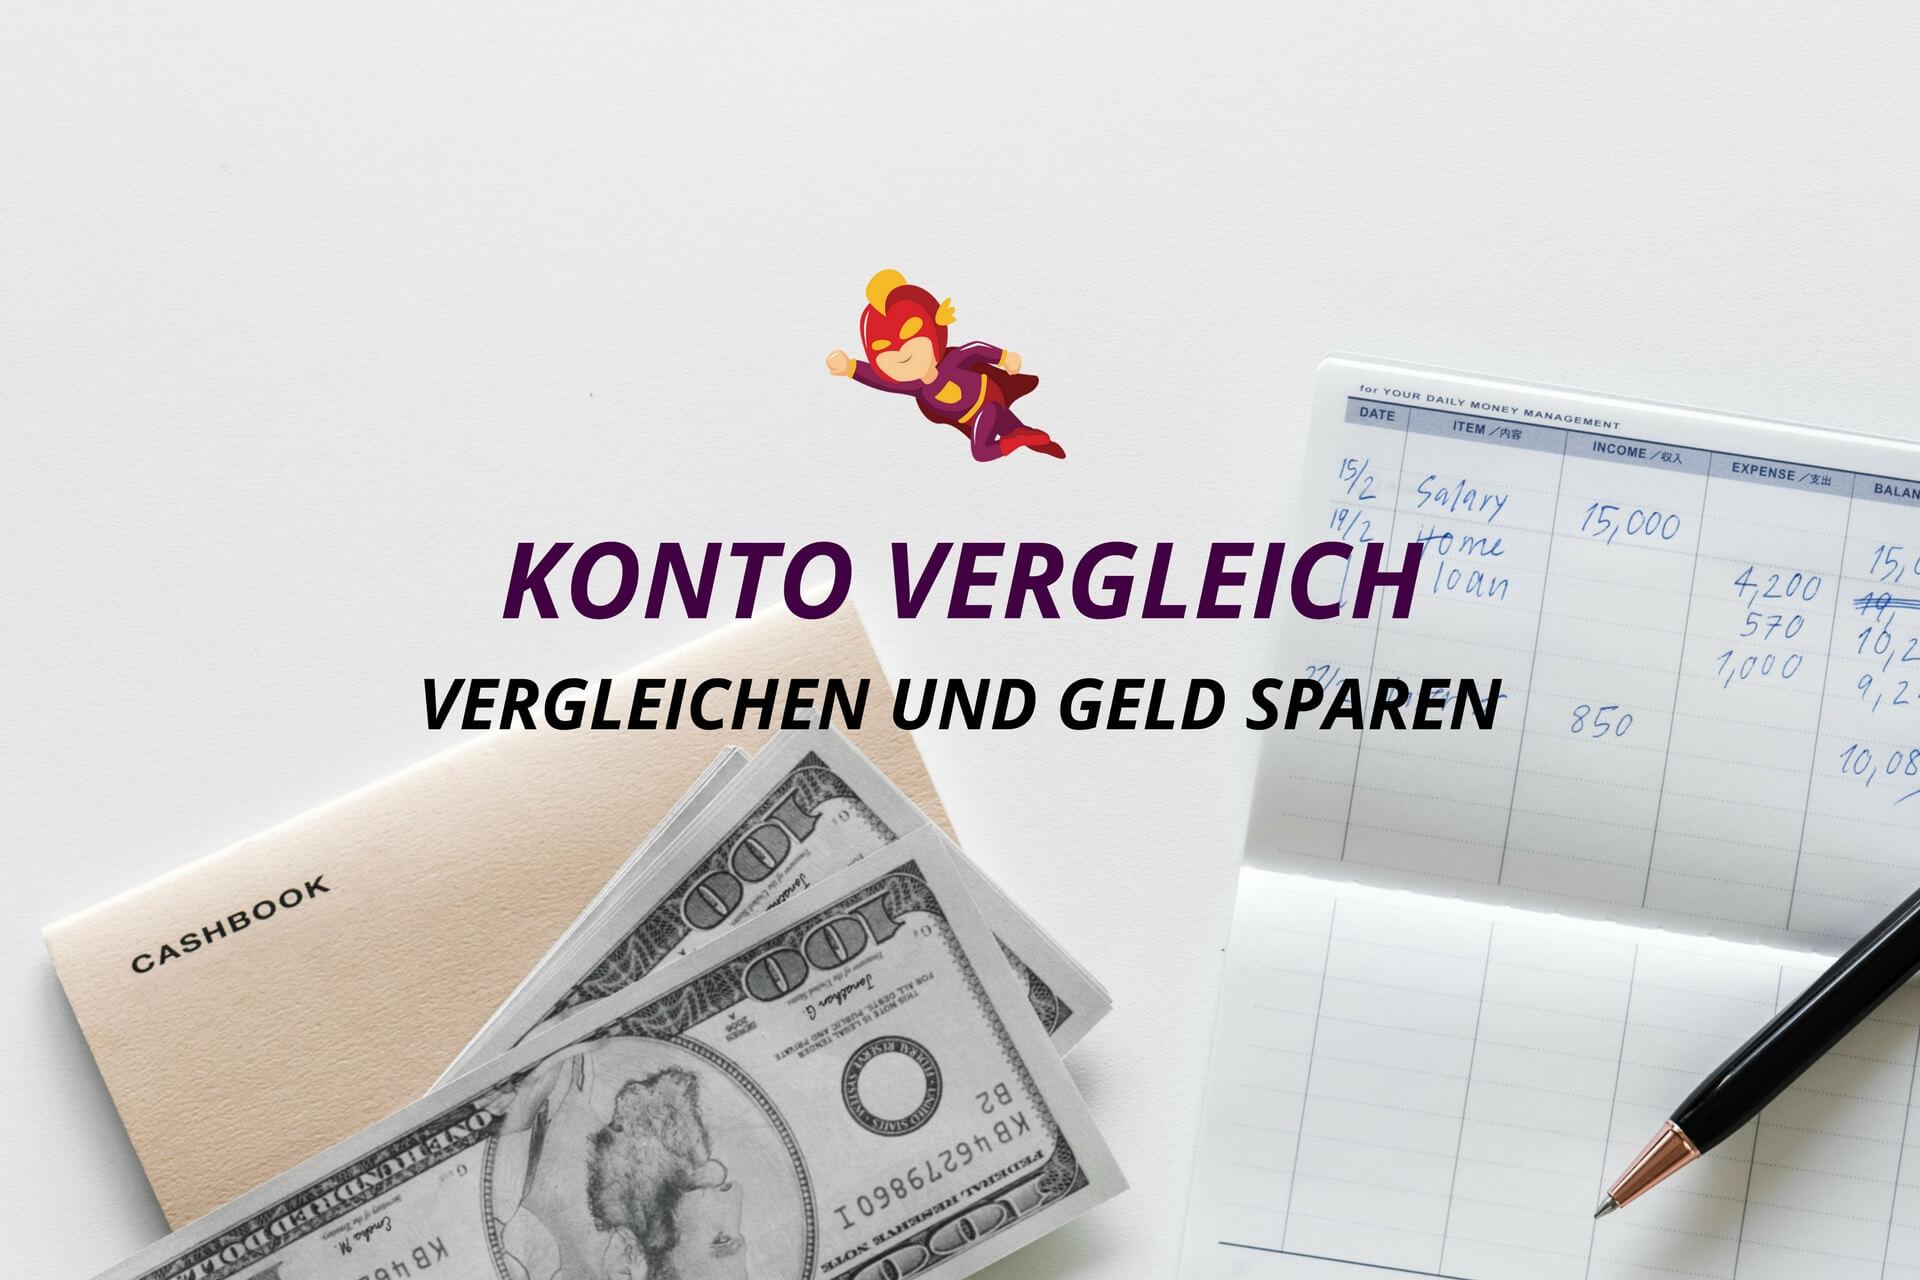 Konto Vergleich - Finanzhelden.org